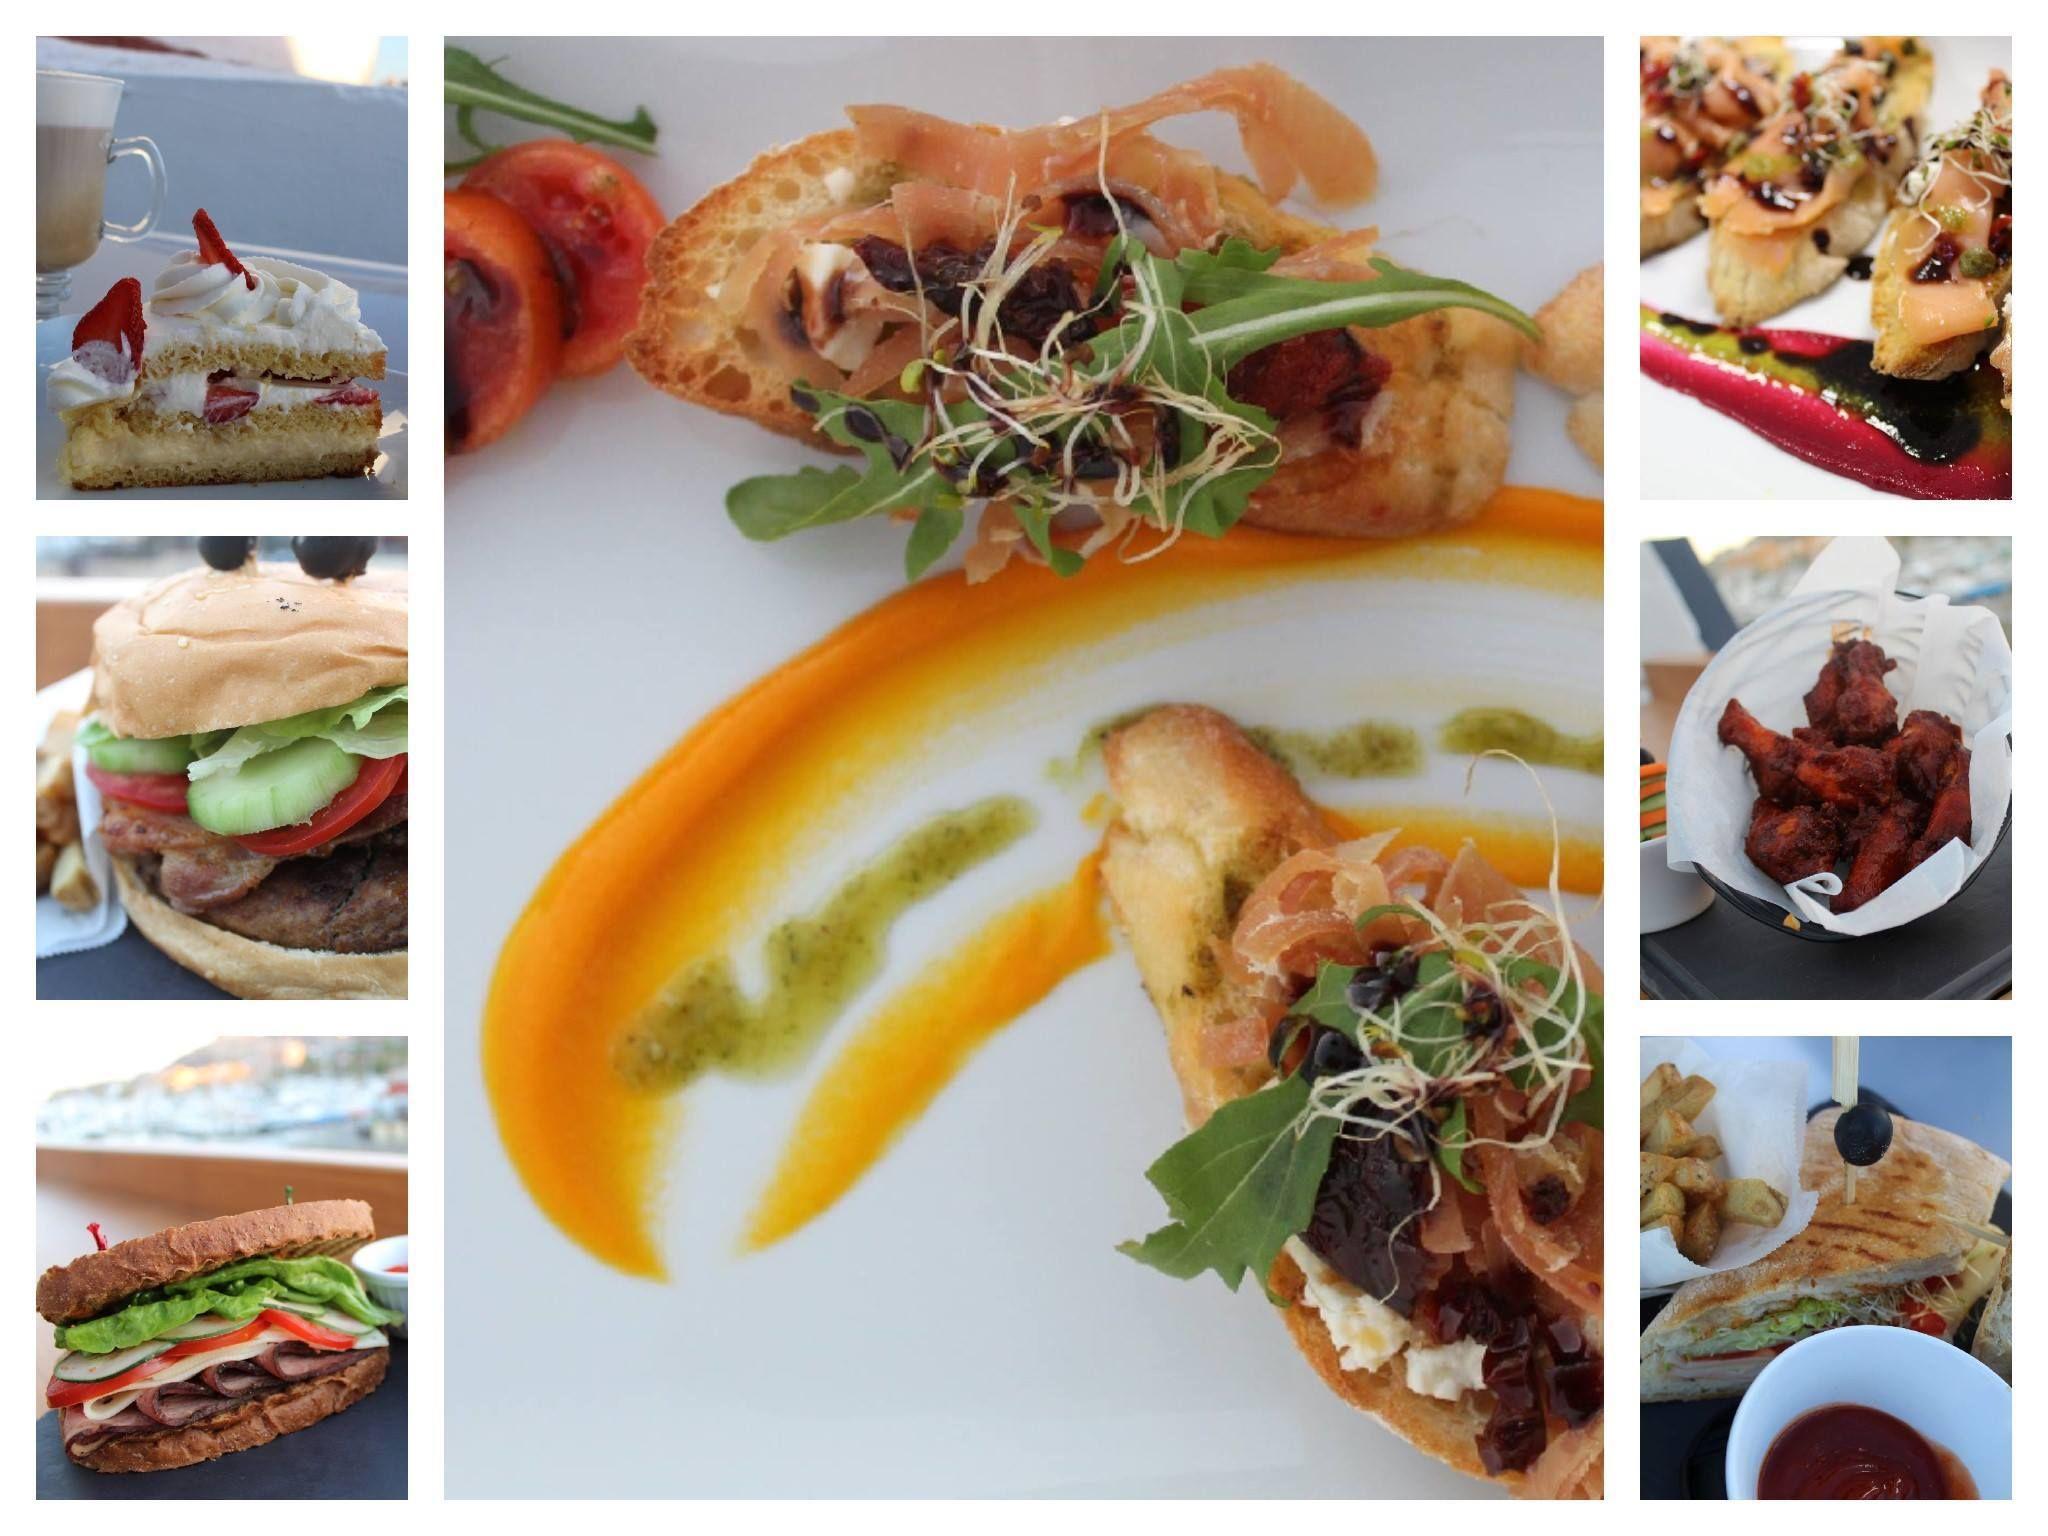 The Roof Food Wine Domingo De Tapas Ideal Para Una Deliciosa Cena En Deliciosas Cenas Comida Y Vino Comida étnica